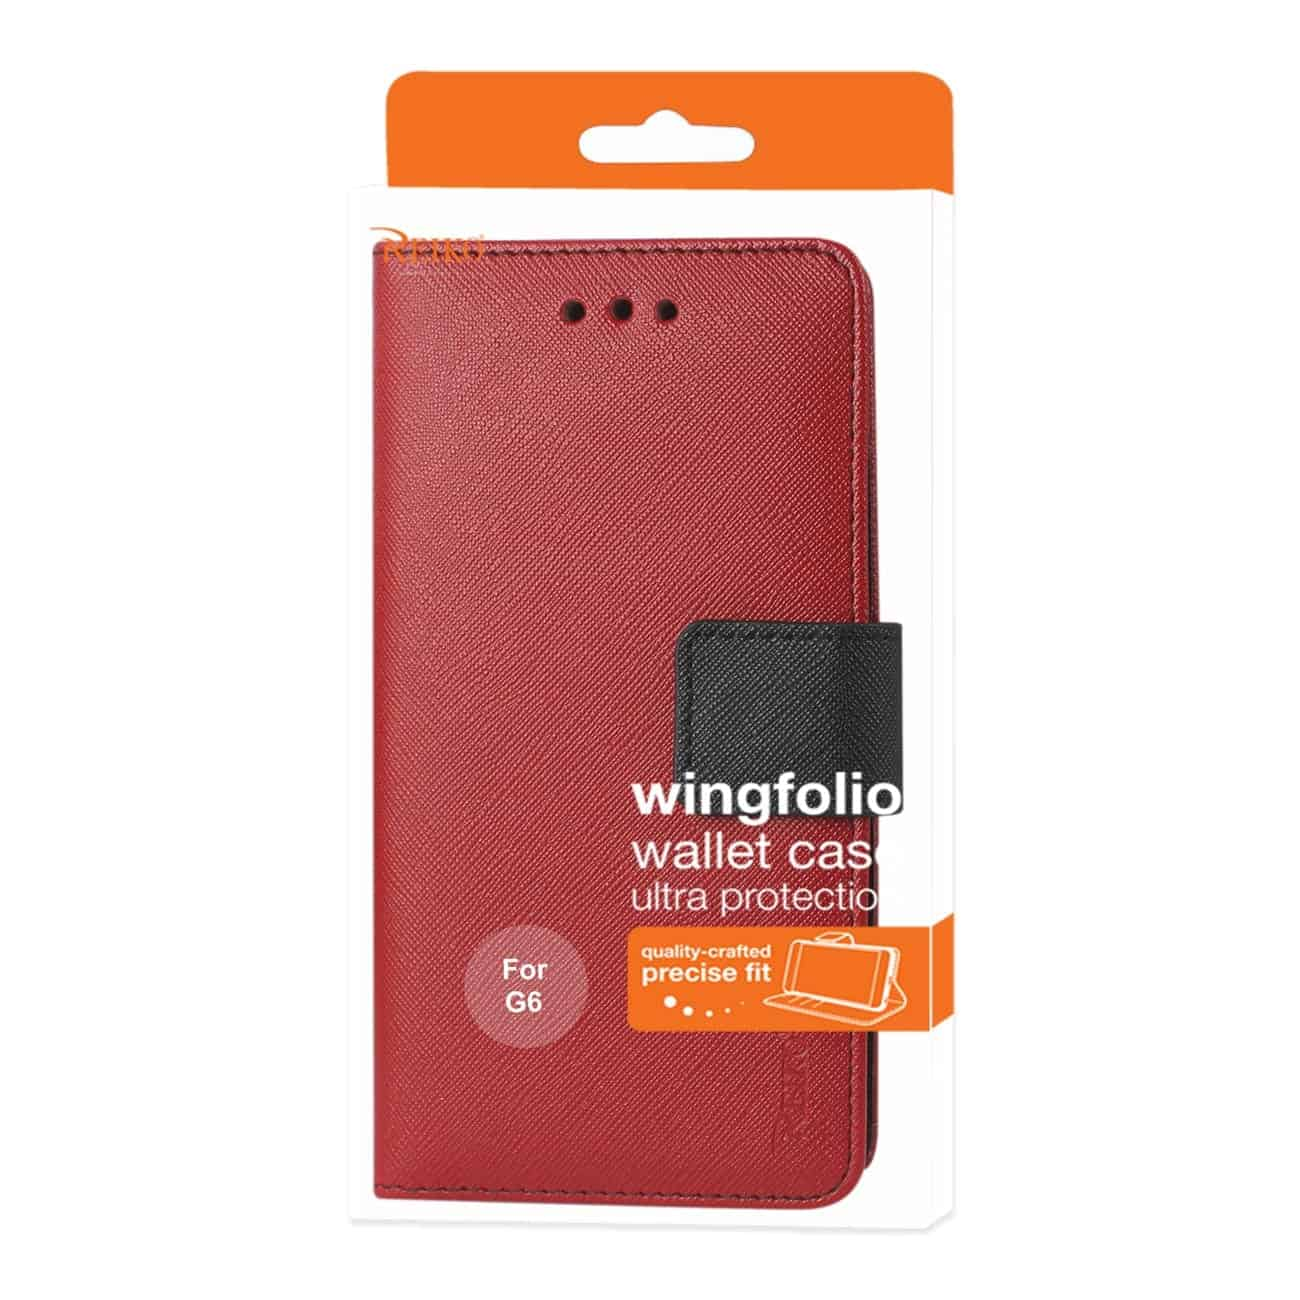 LG G6 3-IN-1 WALLET CASE IN RED